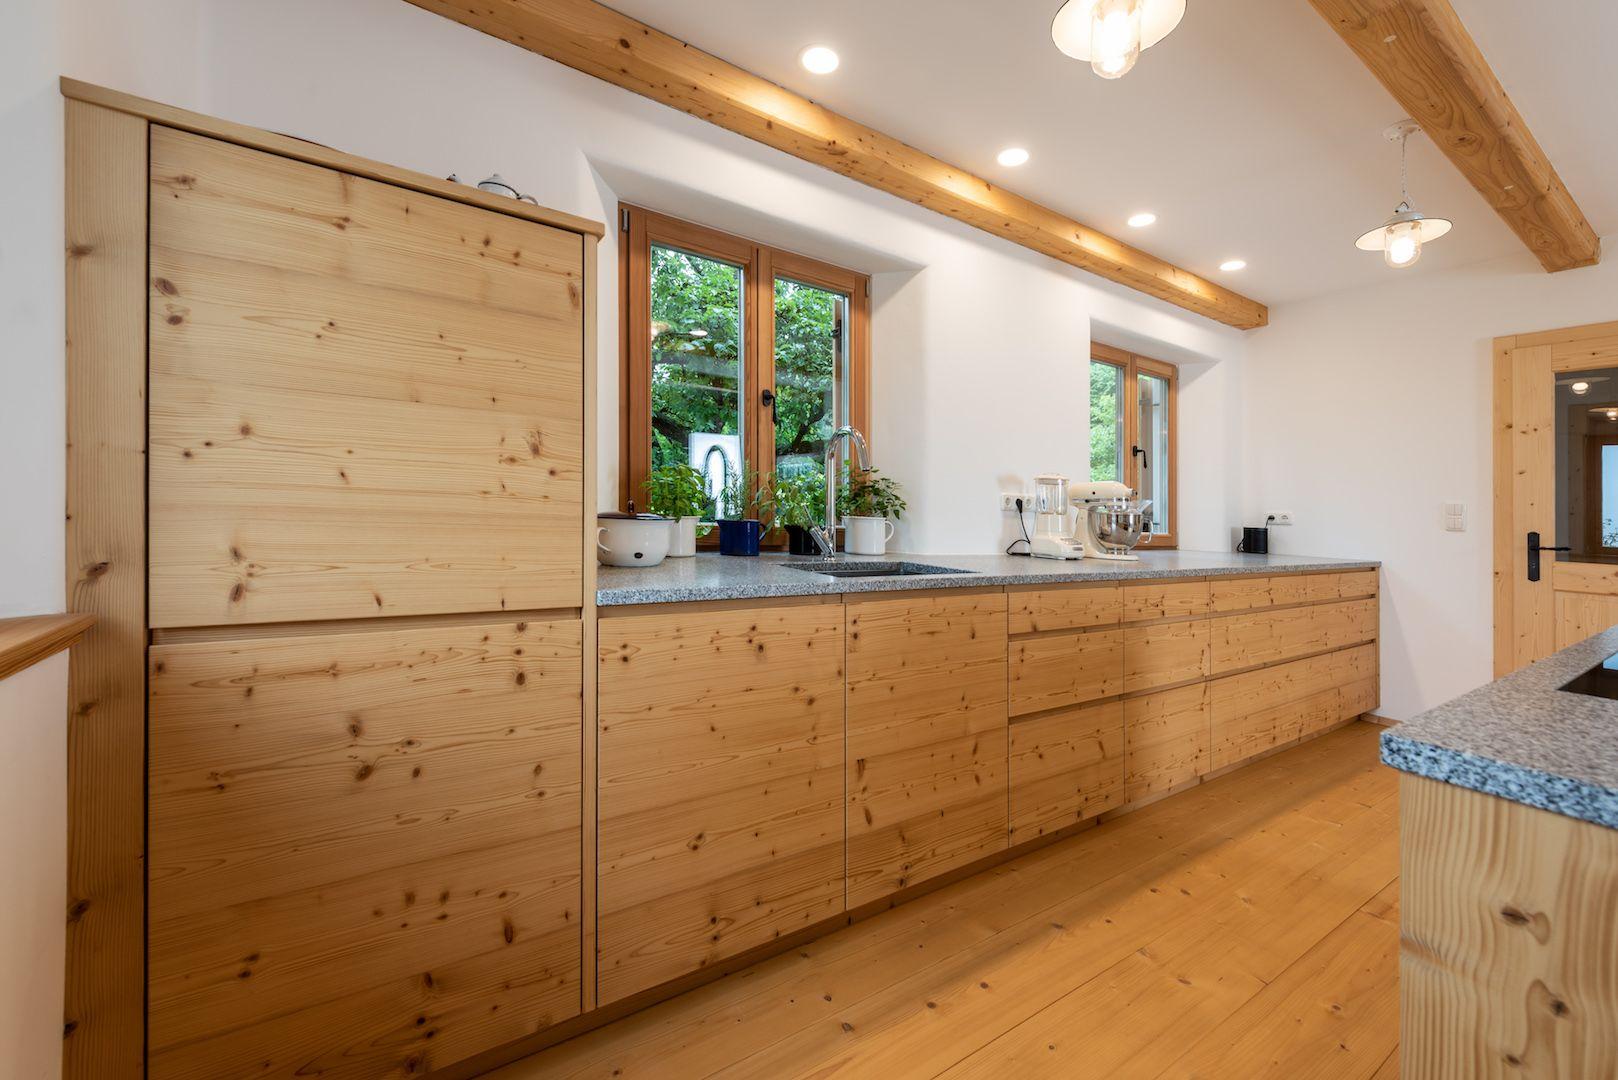 Ein Haus mit Wohlfühlcharakter Haus, Haus küchen, Haus